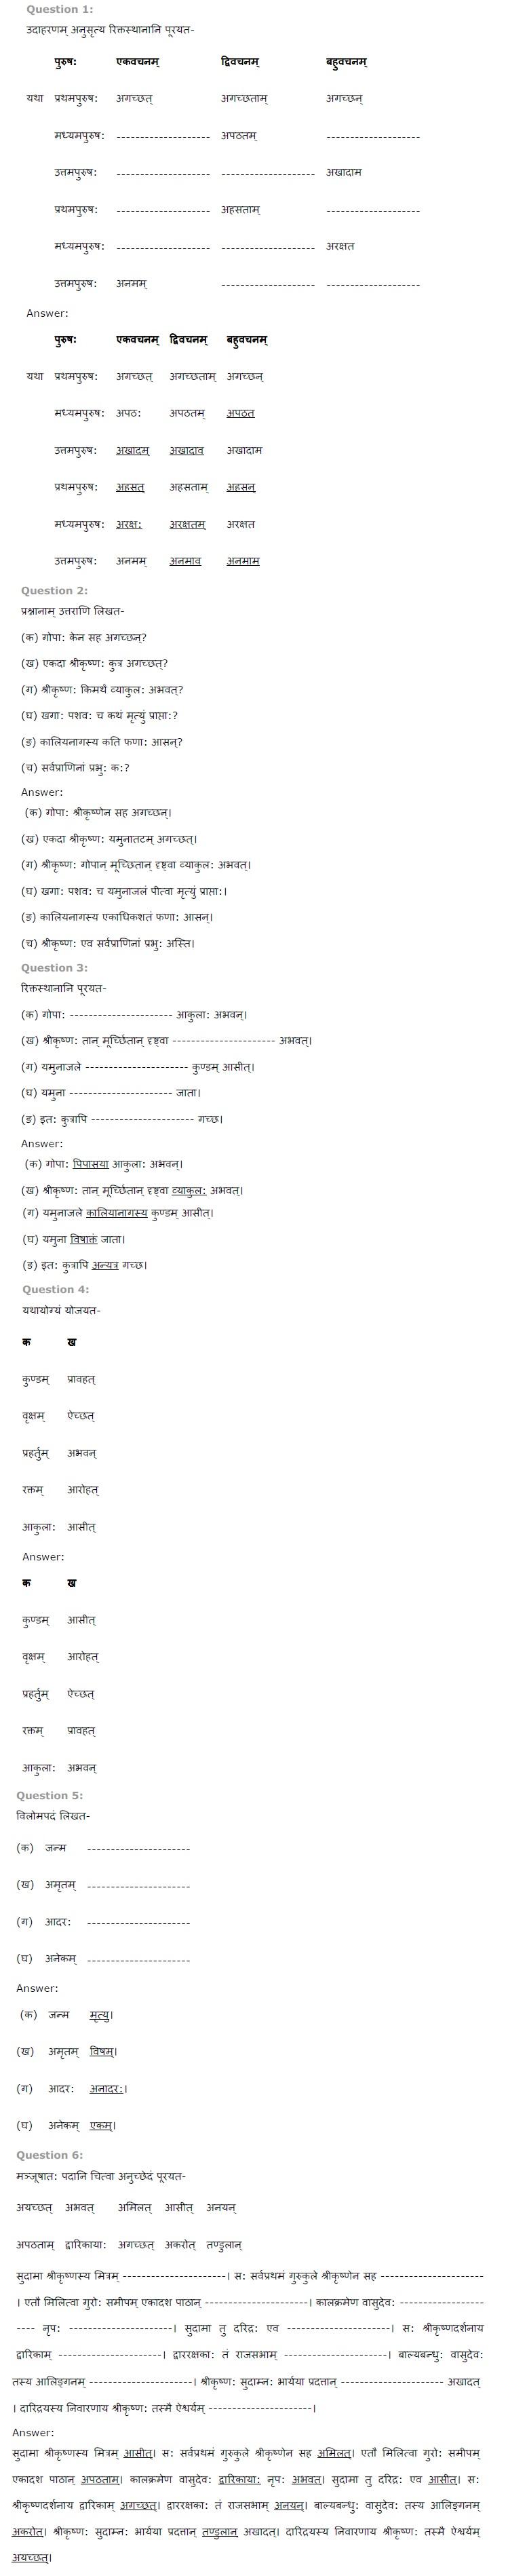 NCERT Solutions for Class 6 Sanskrit Ruchira for Chapter 14 यमुना विषरहिता जाता